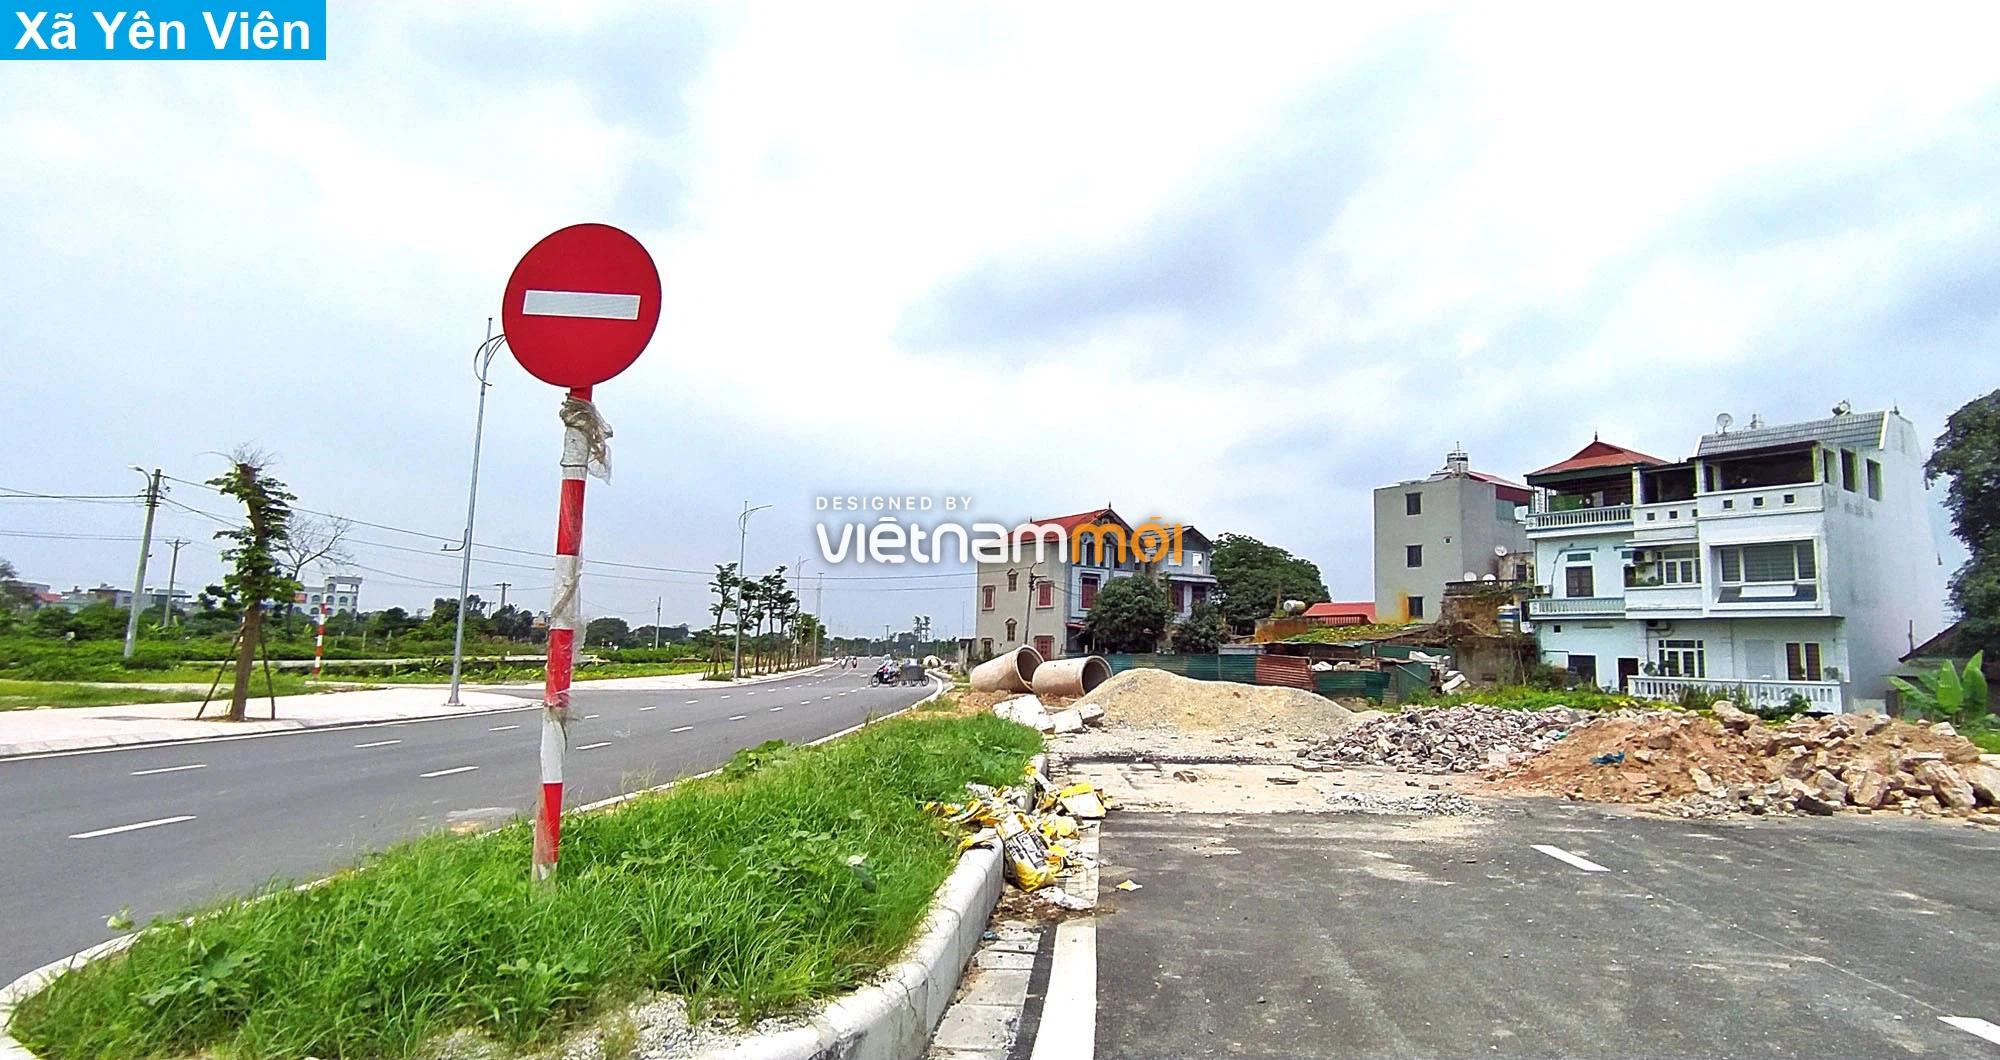 Toàn cảnh tuyến đường 40 m qua xã Yên Viên, Yên Thường đang mở theo quy hoạch ở Hà Nội - Ảnh 11.